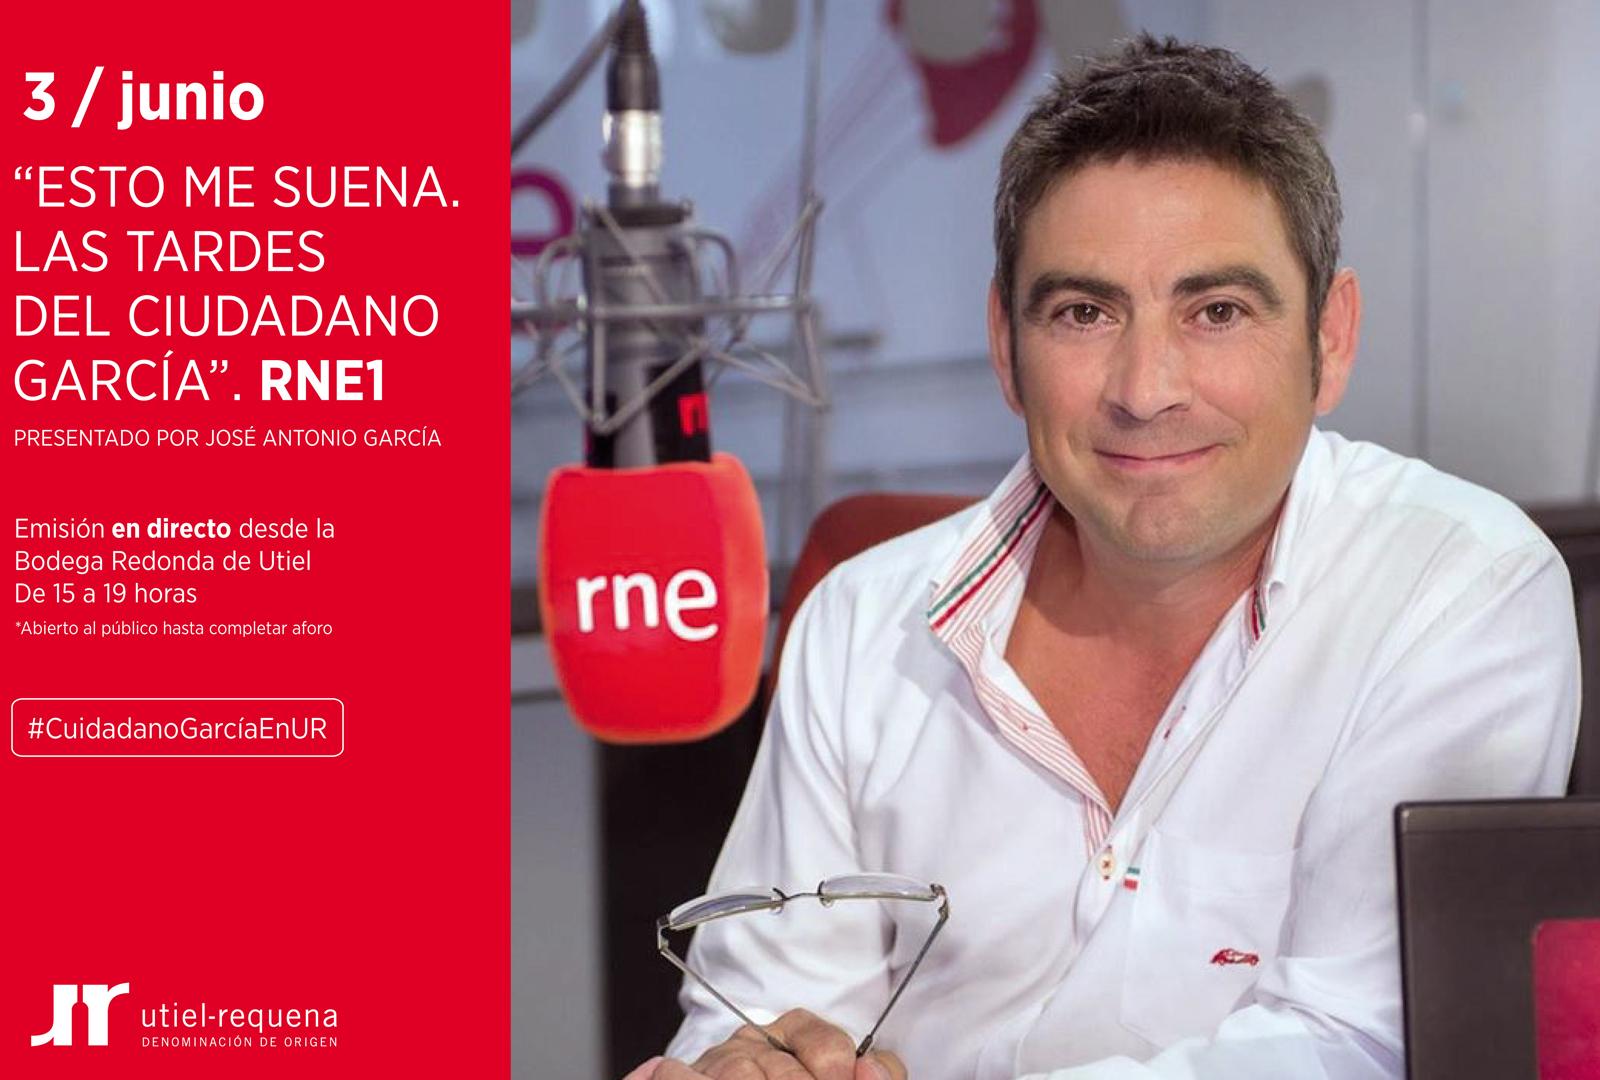 Las tardes del Ciudadano García RNE1.